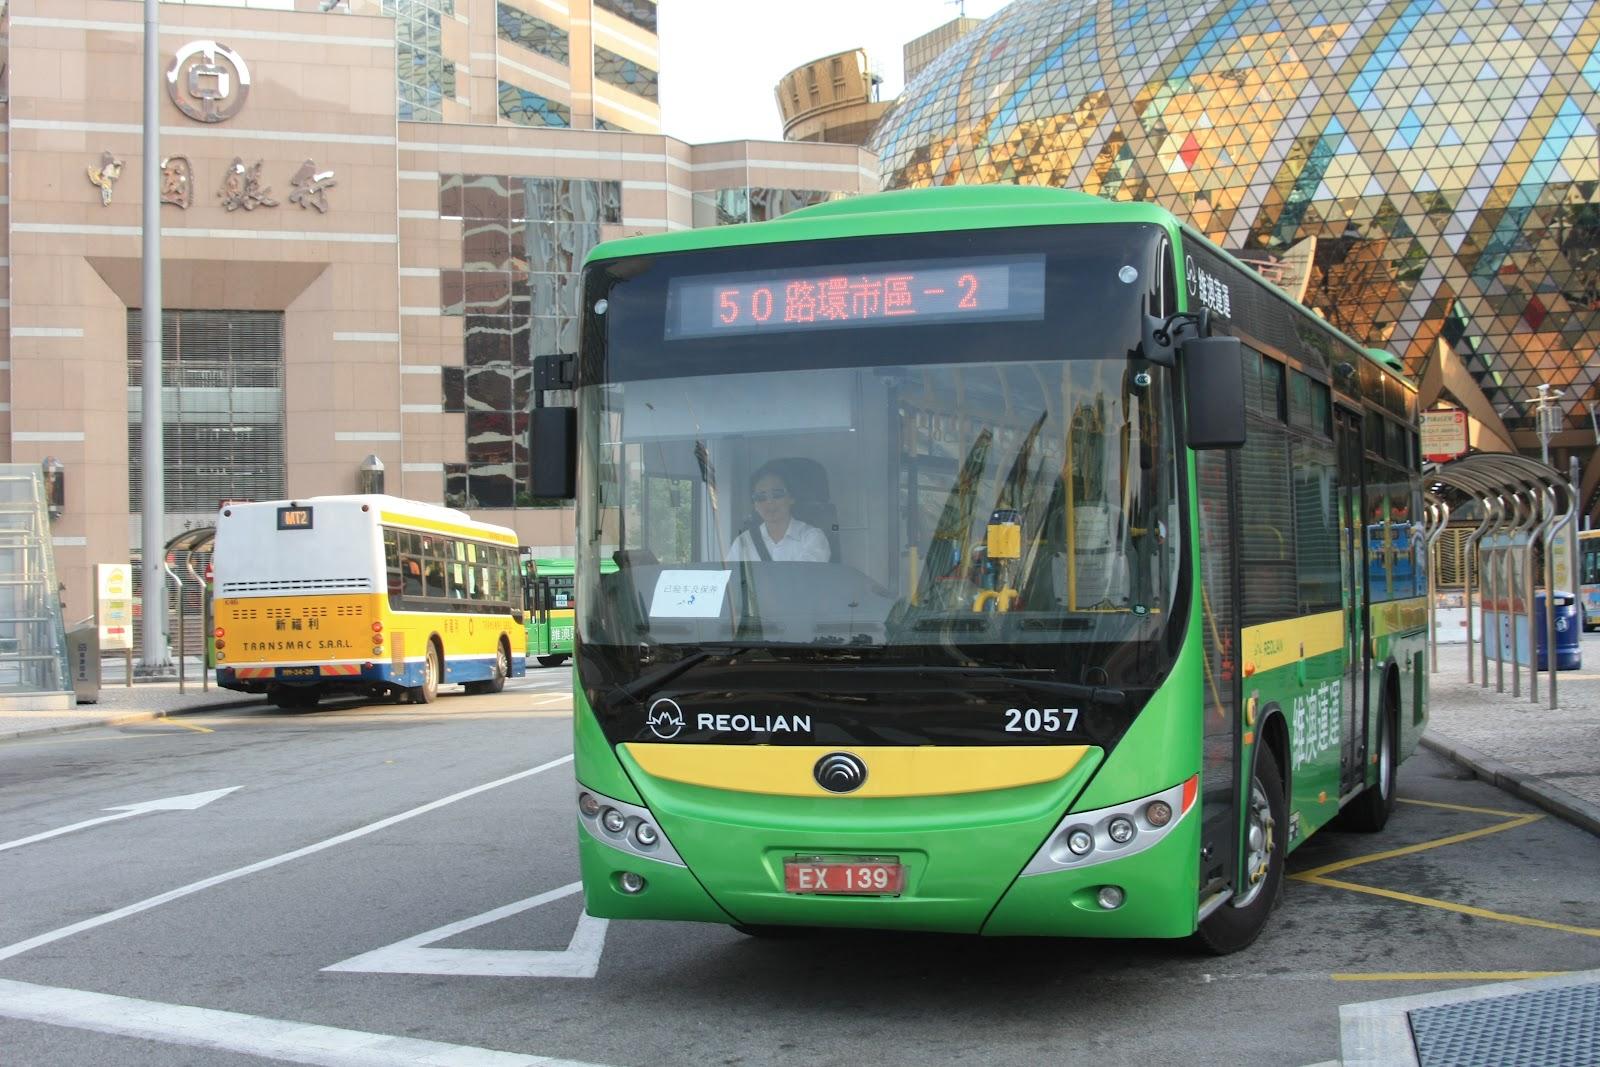 友.晴.天地: 澳門巴士服務新模式...